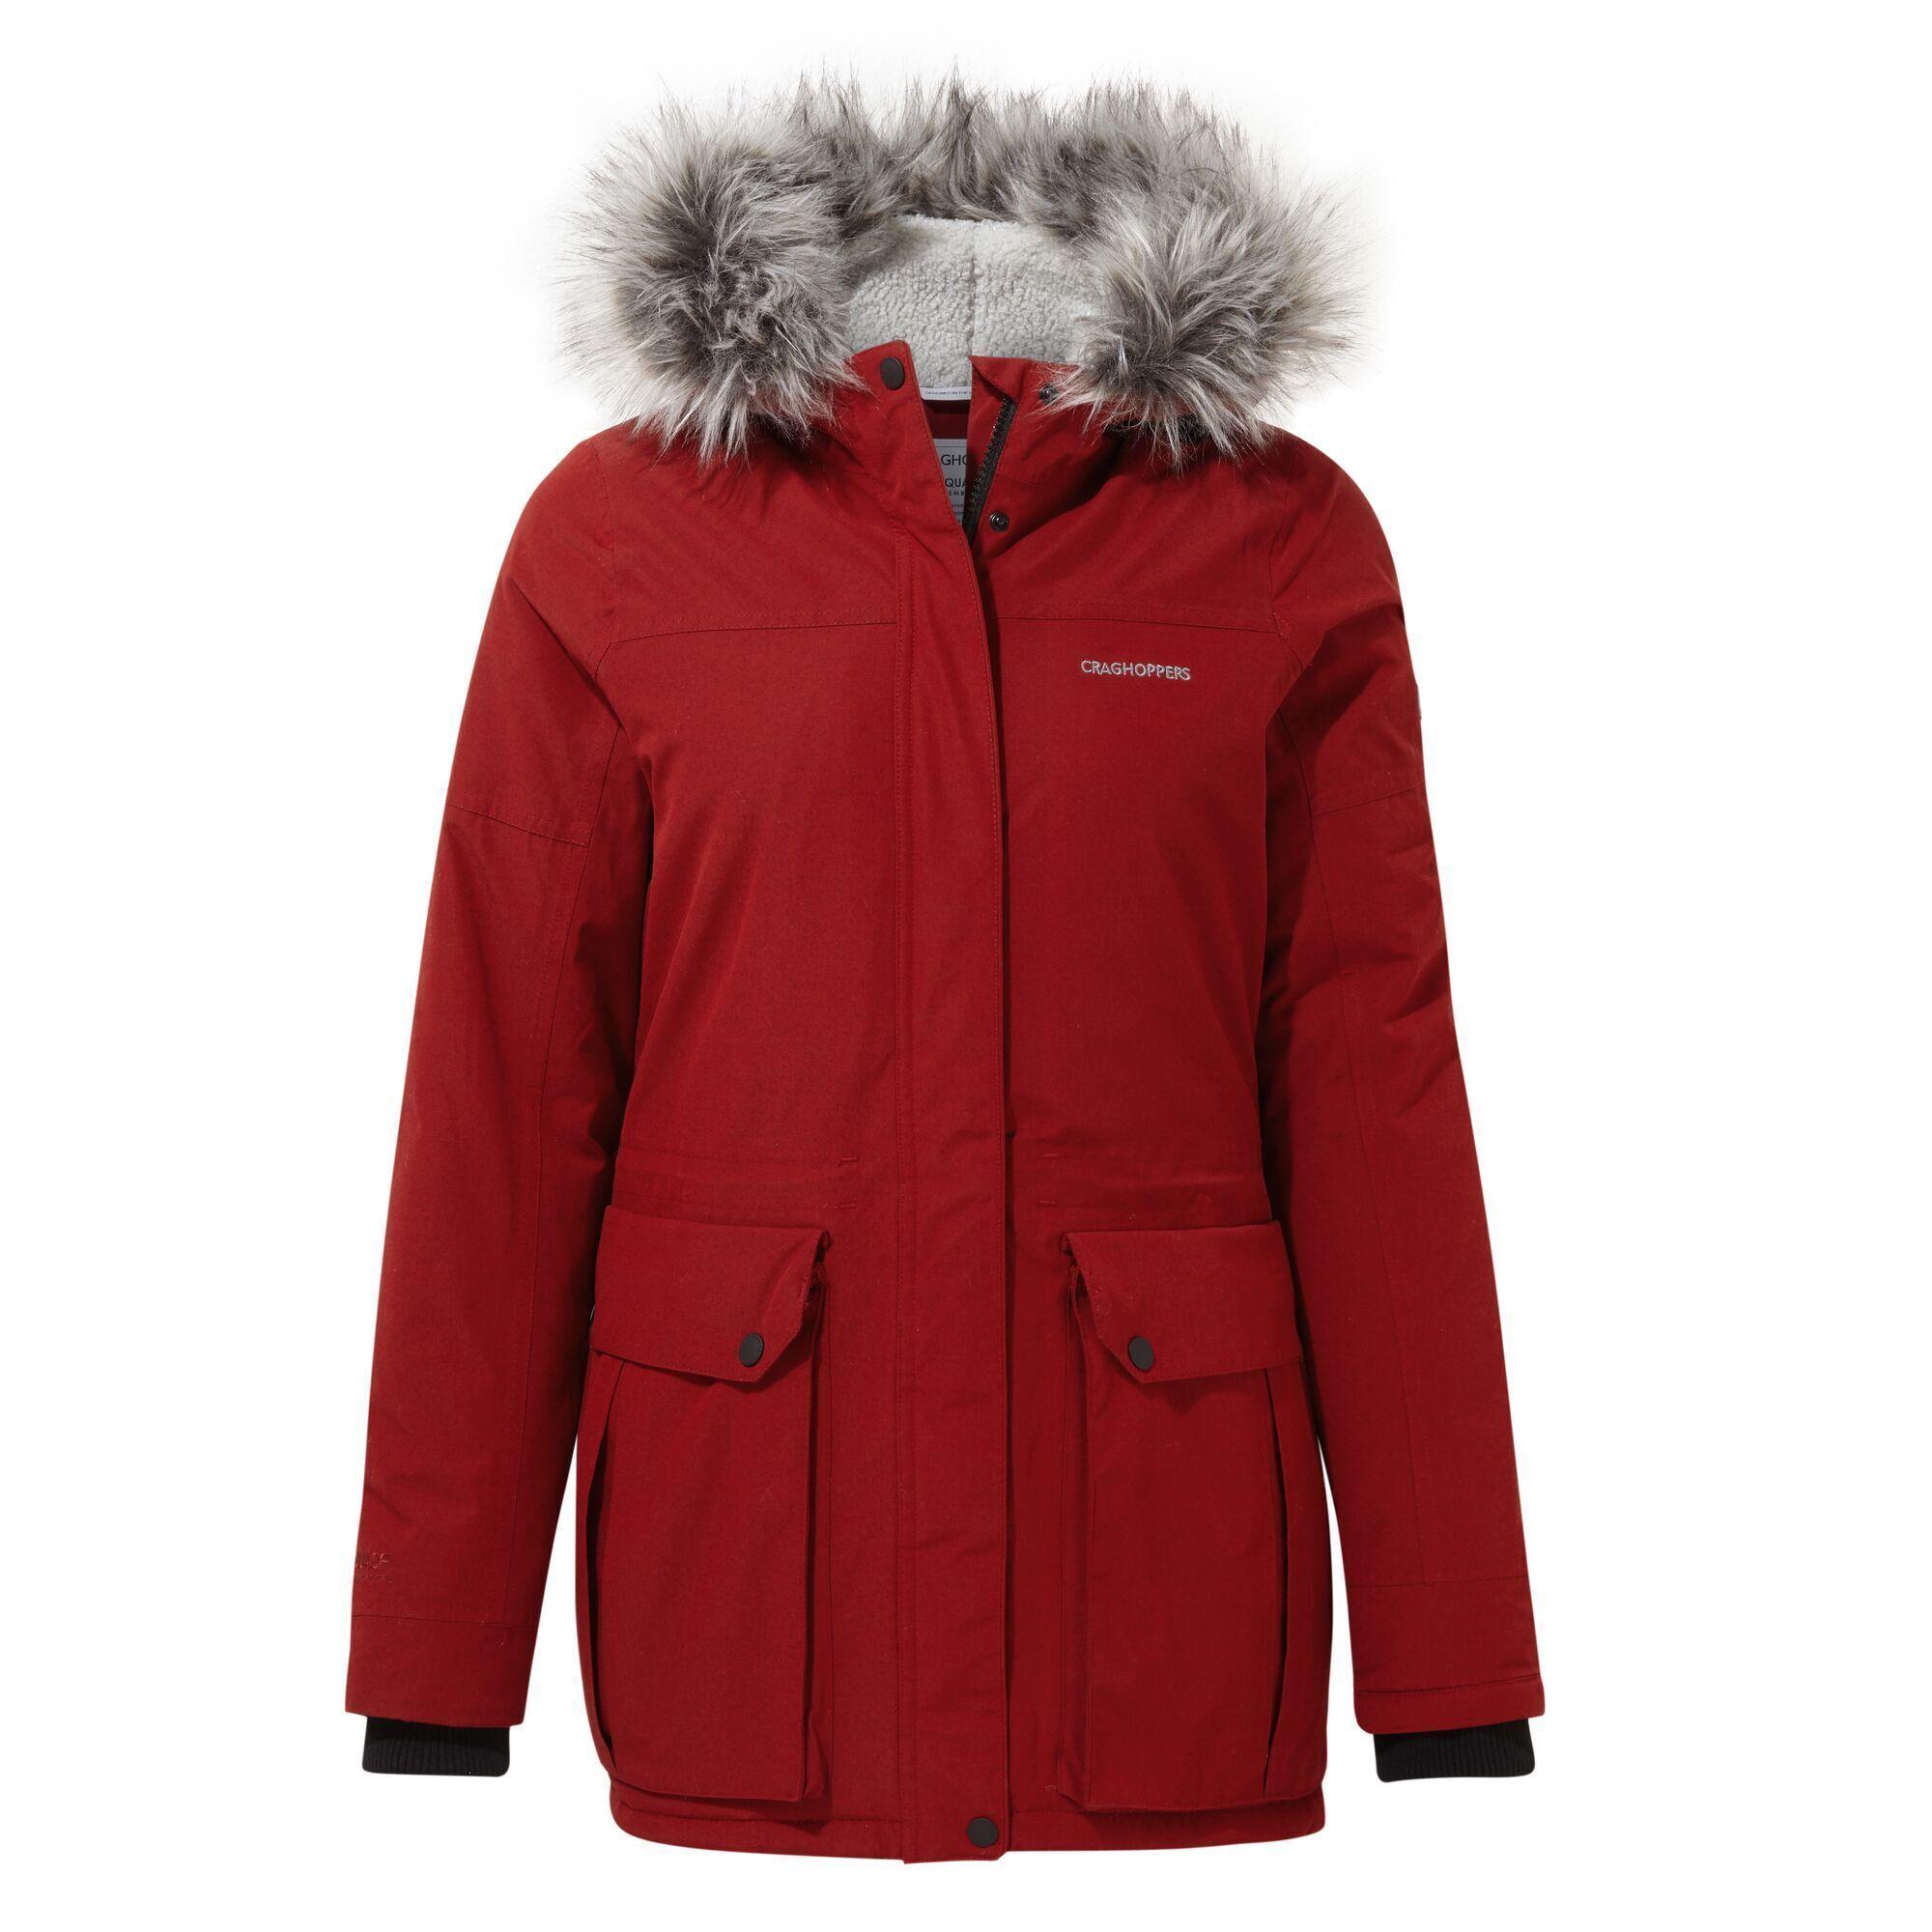 Craghoppers Womens/Ladies Elison Waterproof Jacket (10 UK) (Vintage Red)